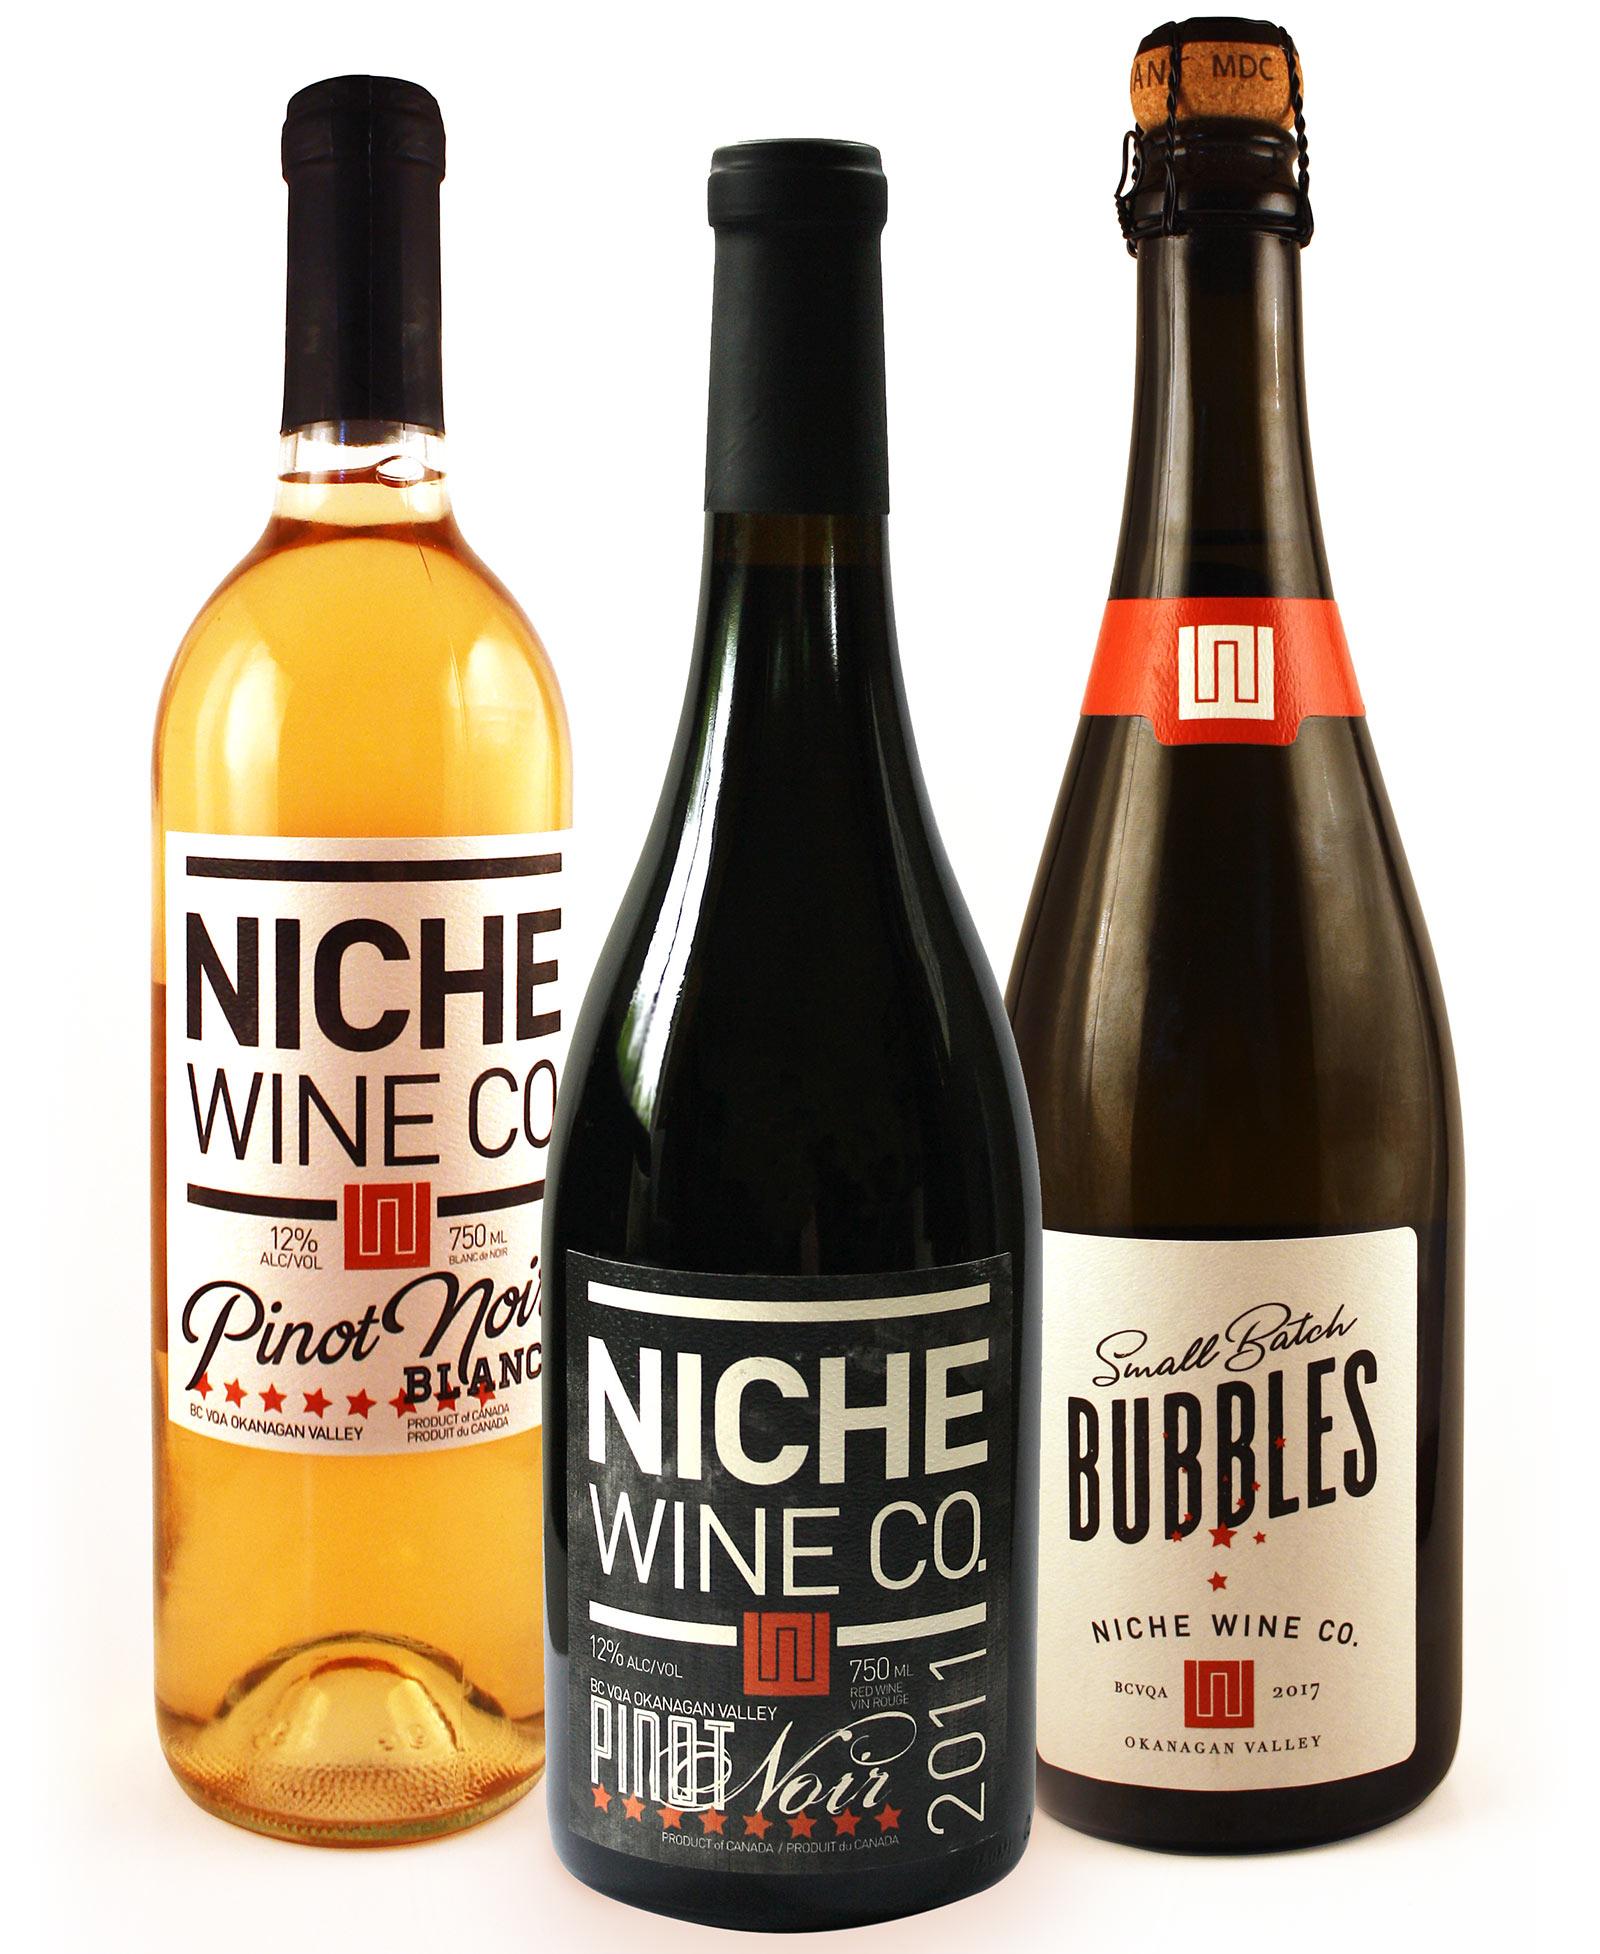 Niche_wine_co_bottles.jpg